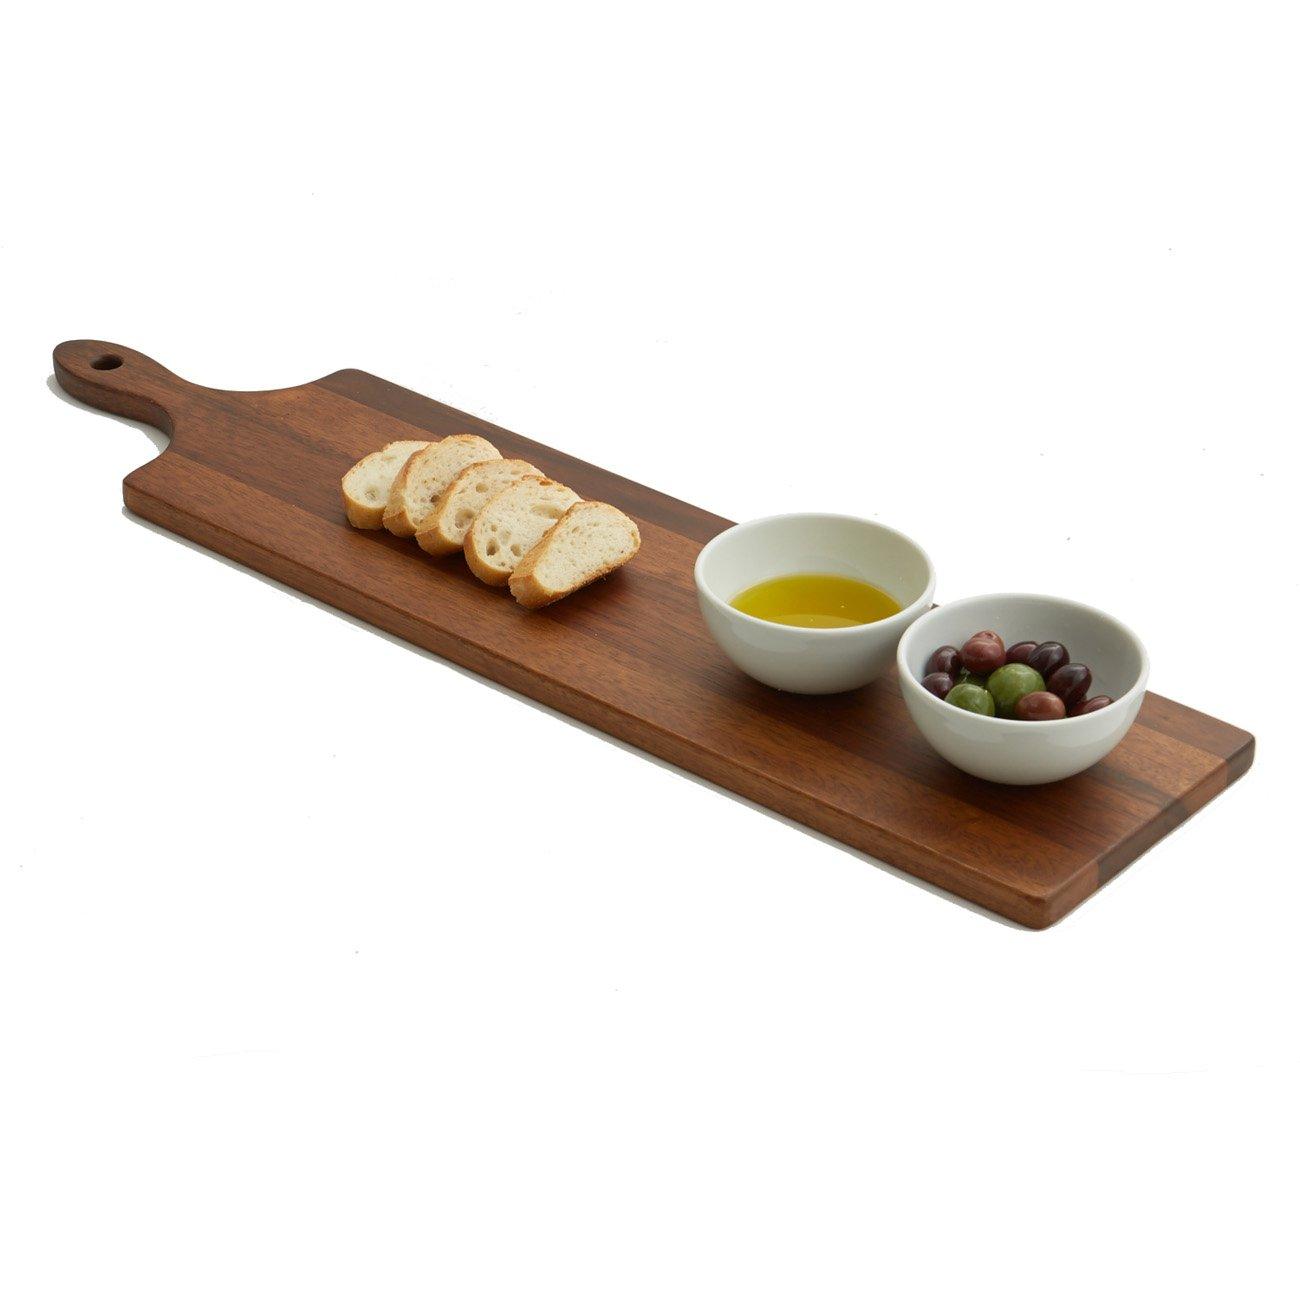 Woodard & Charles Paddle Board with 2 Dip Bowls, 26-Inch, Acacia Wood